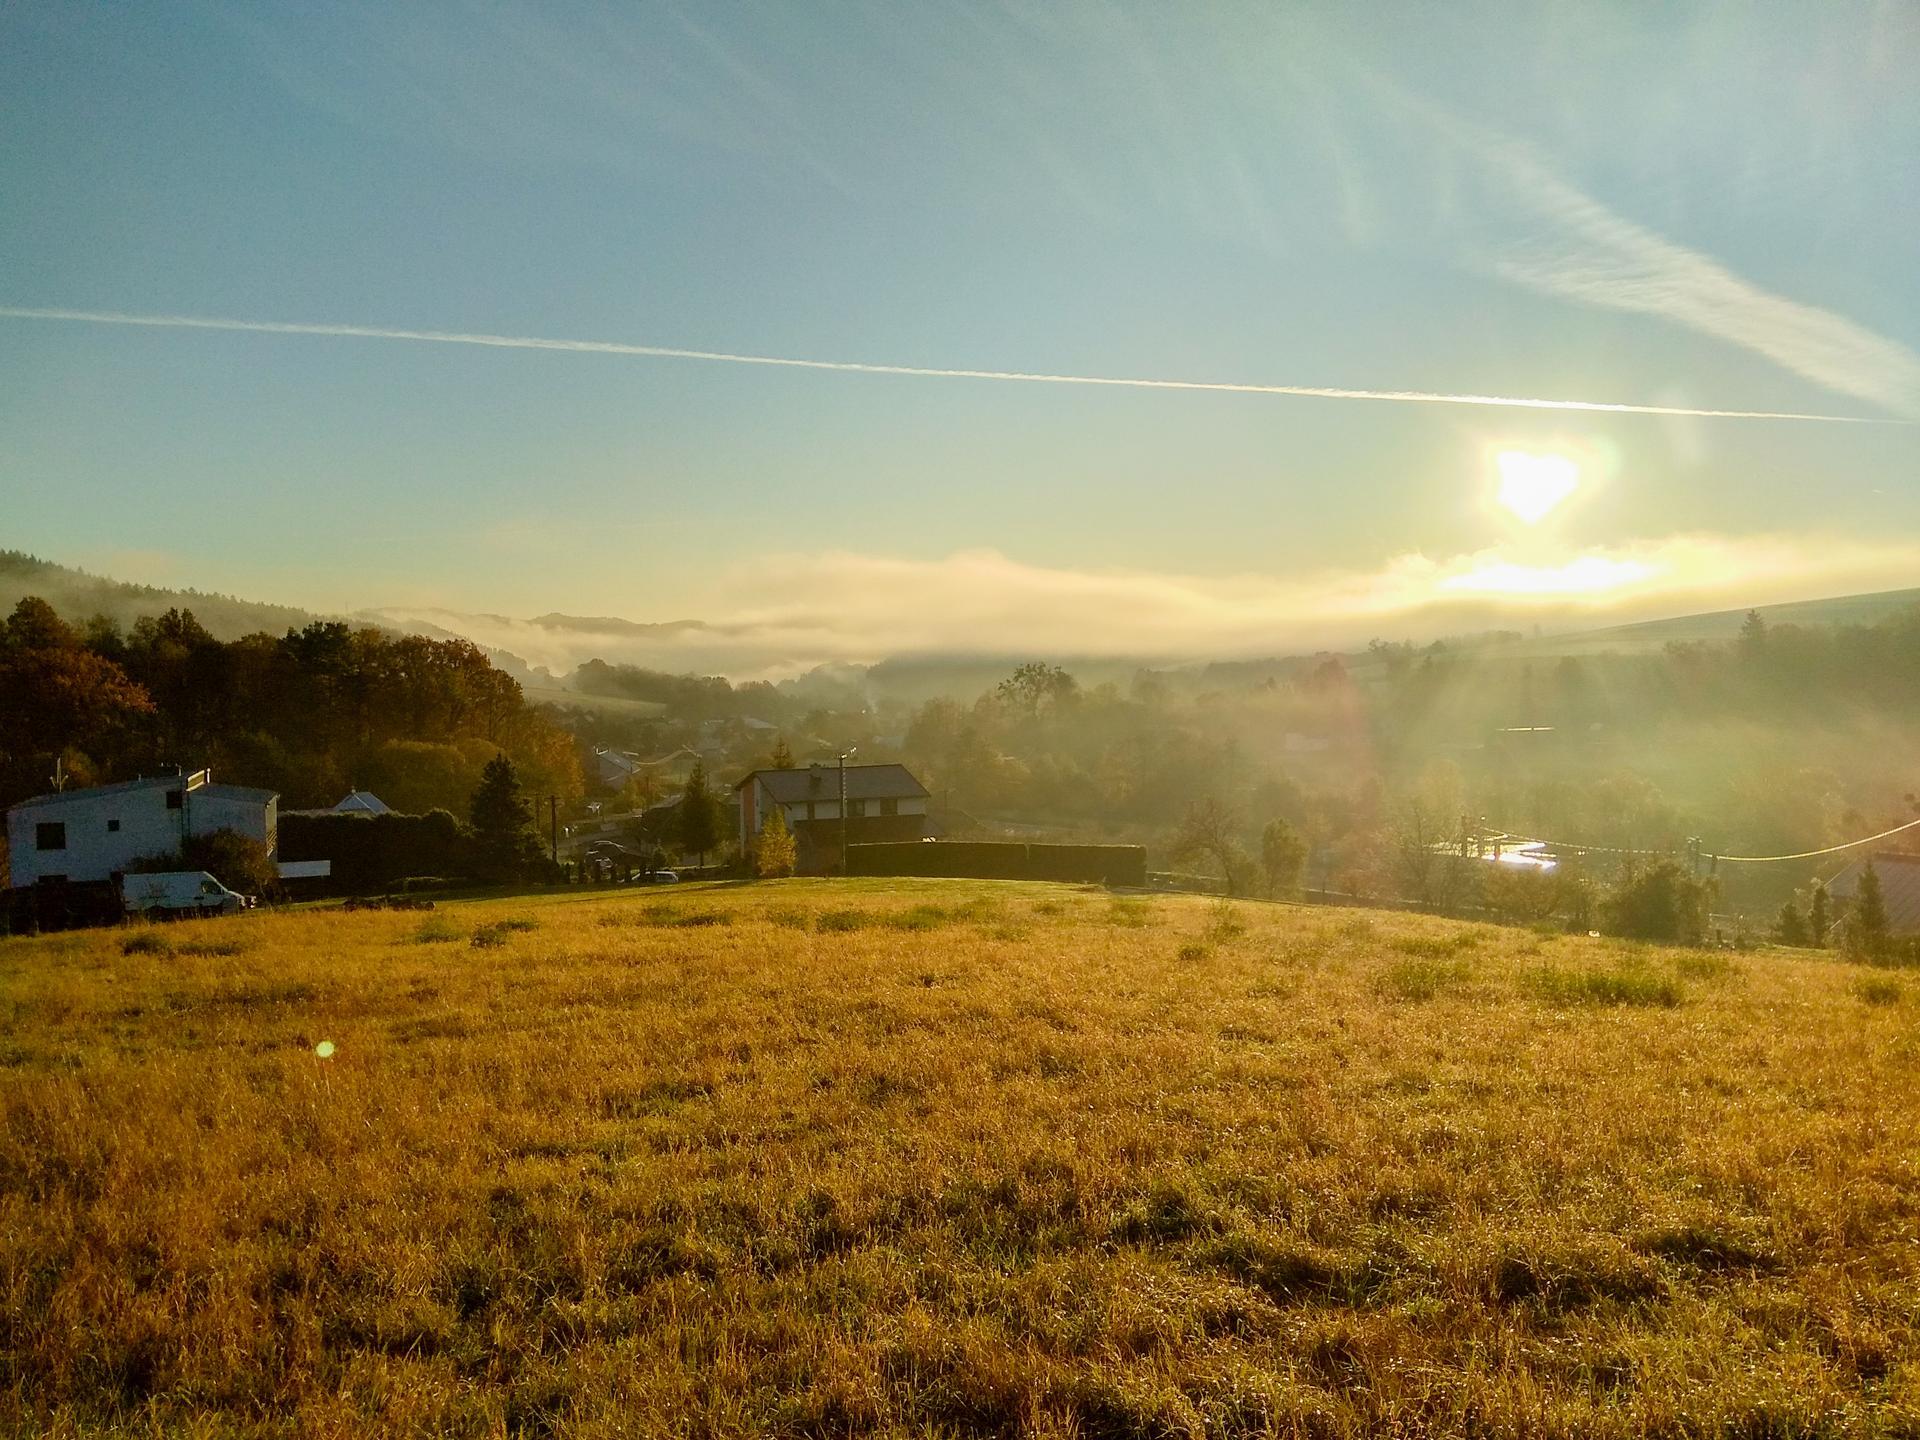 Takové nádherné ráno dneska bylo, o to se nejde nepodělit.😍 - Obrázek č. 1